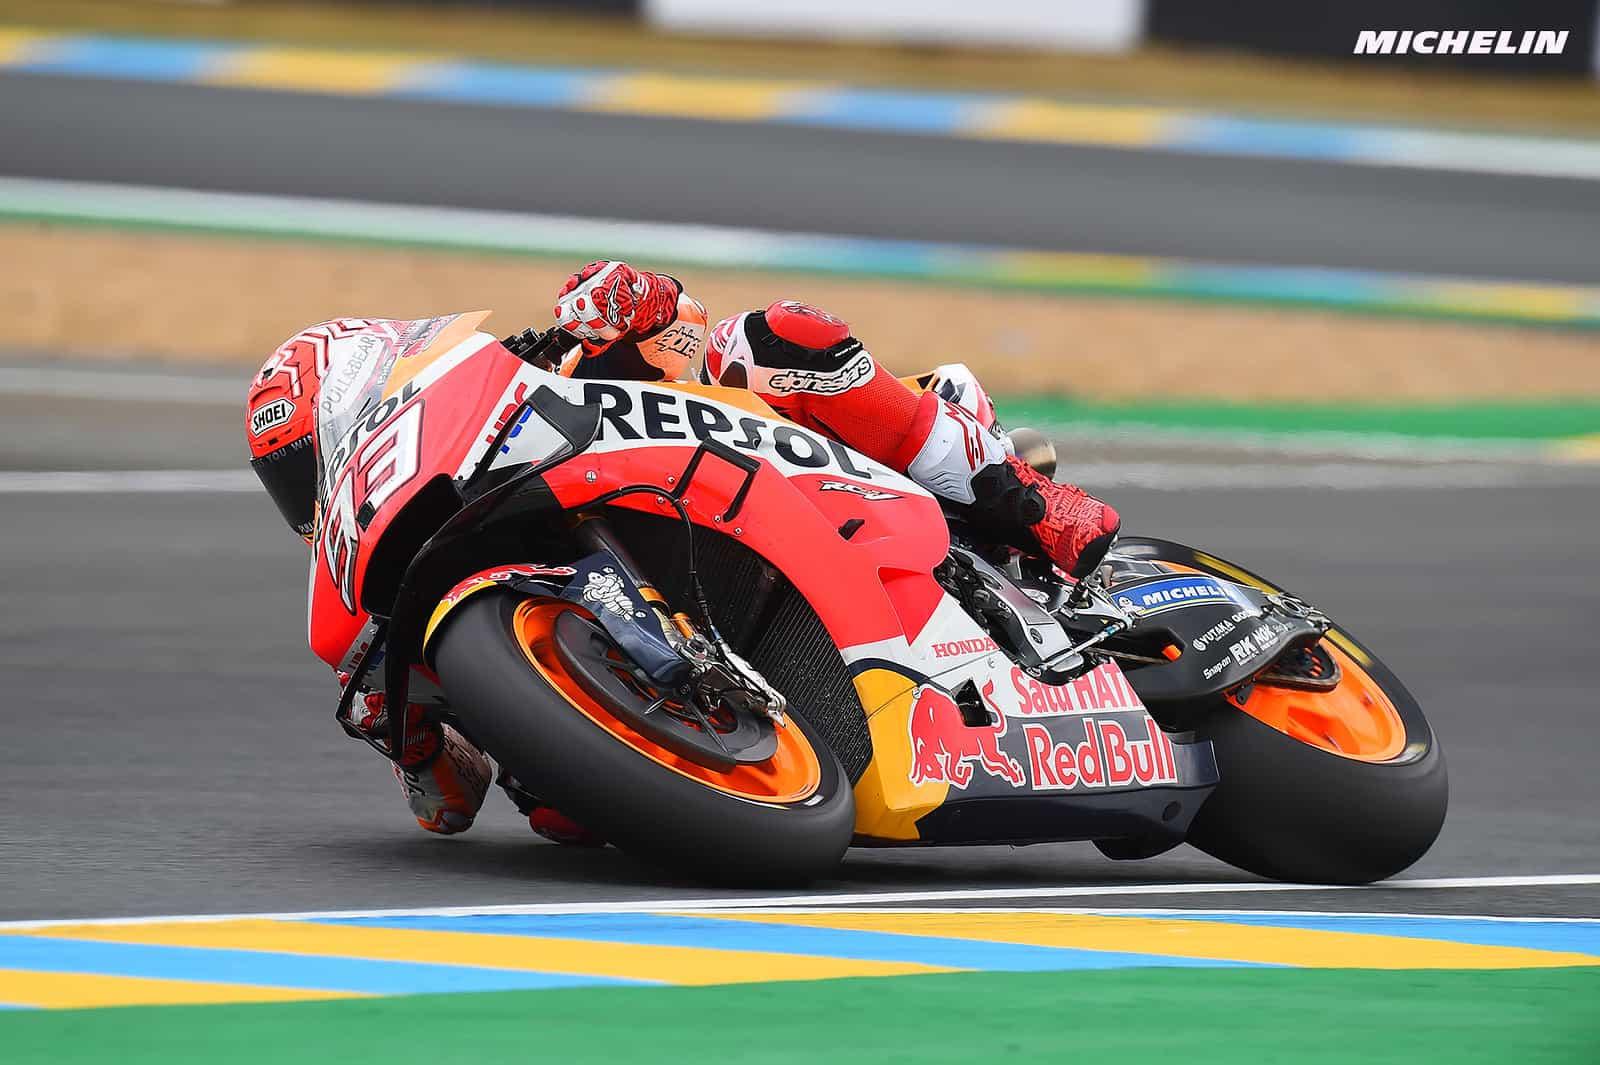 MotoGP2019フランスGP マルク・マルケス「明日の天候を考えてFP2で新品タイヤを使用した」